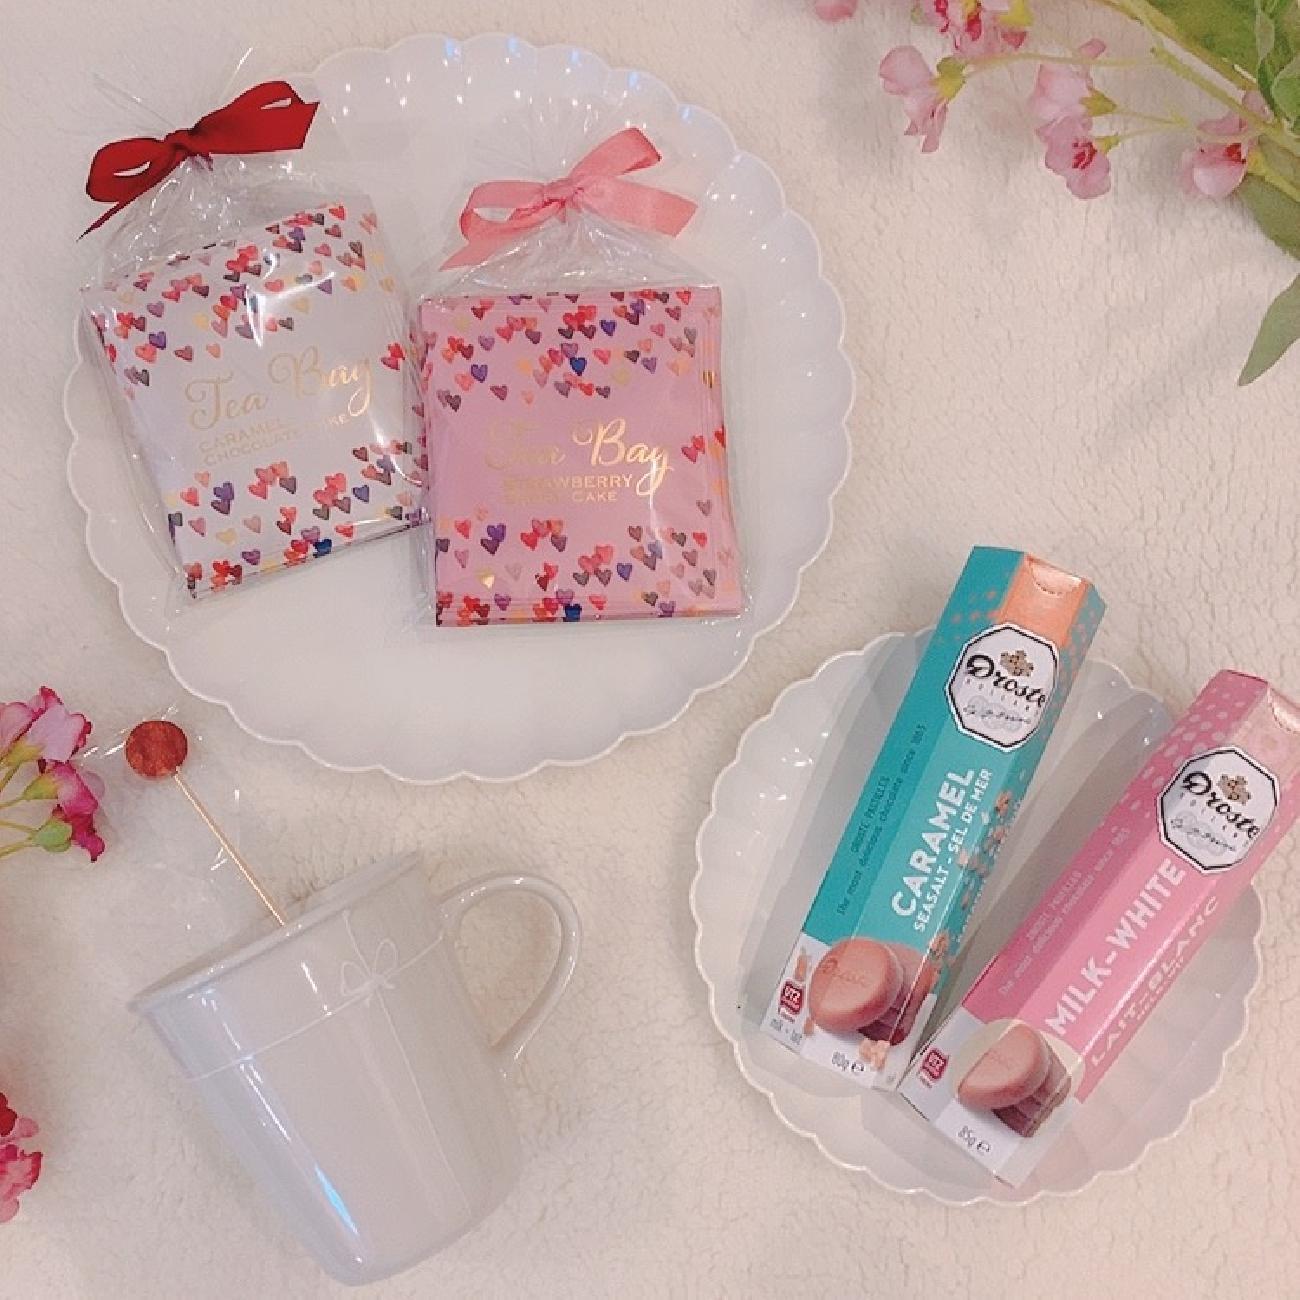 お皿/食器/お菓子/紅茶/チョコレート/キャンディー/飴/可愛い/リラックス/リフレッシュ/至福の時間/甘いもの/プレゼント/ギフト/贈り物